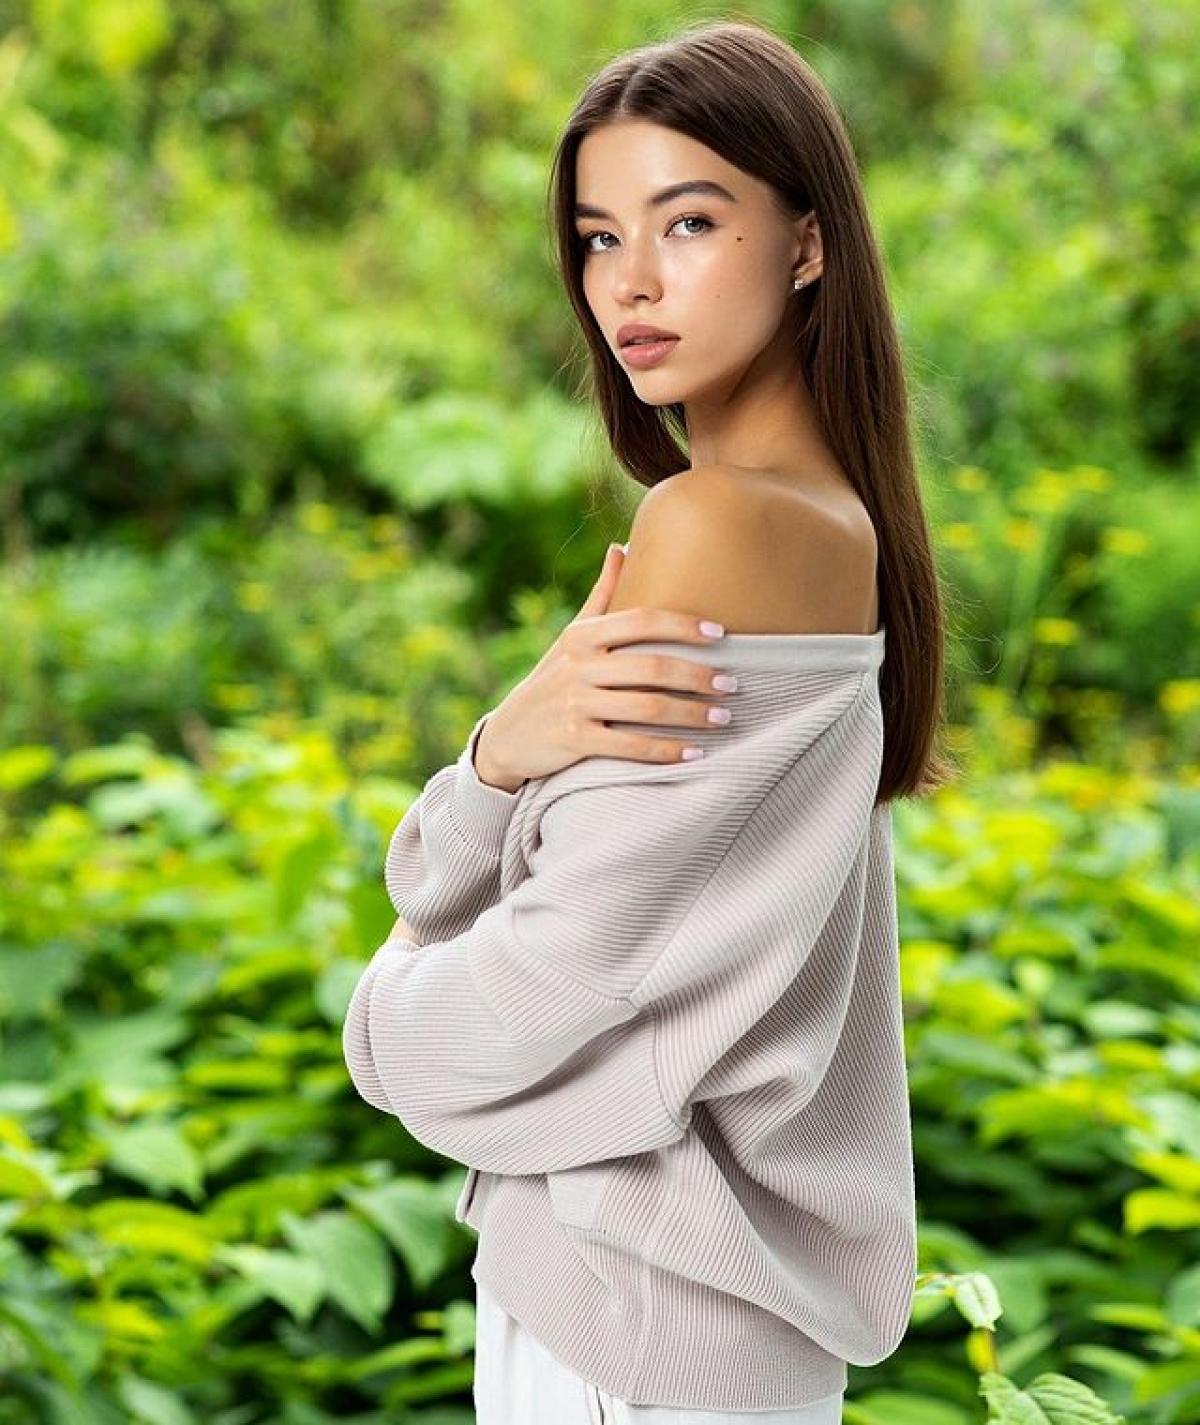 Albina Koroleva cũng thường xuyên xuất hiện trên những sàn diễn thời trang. Điều đó giúp cô có nhiều kinh nghiệm khi trình diễn.